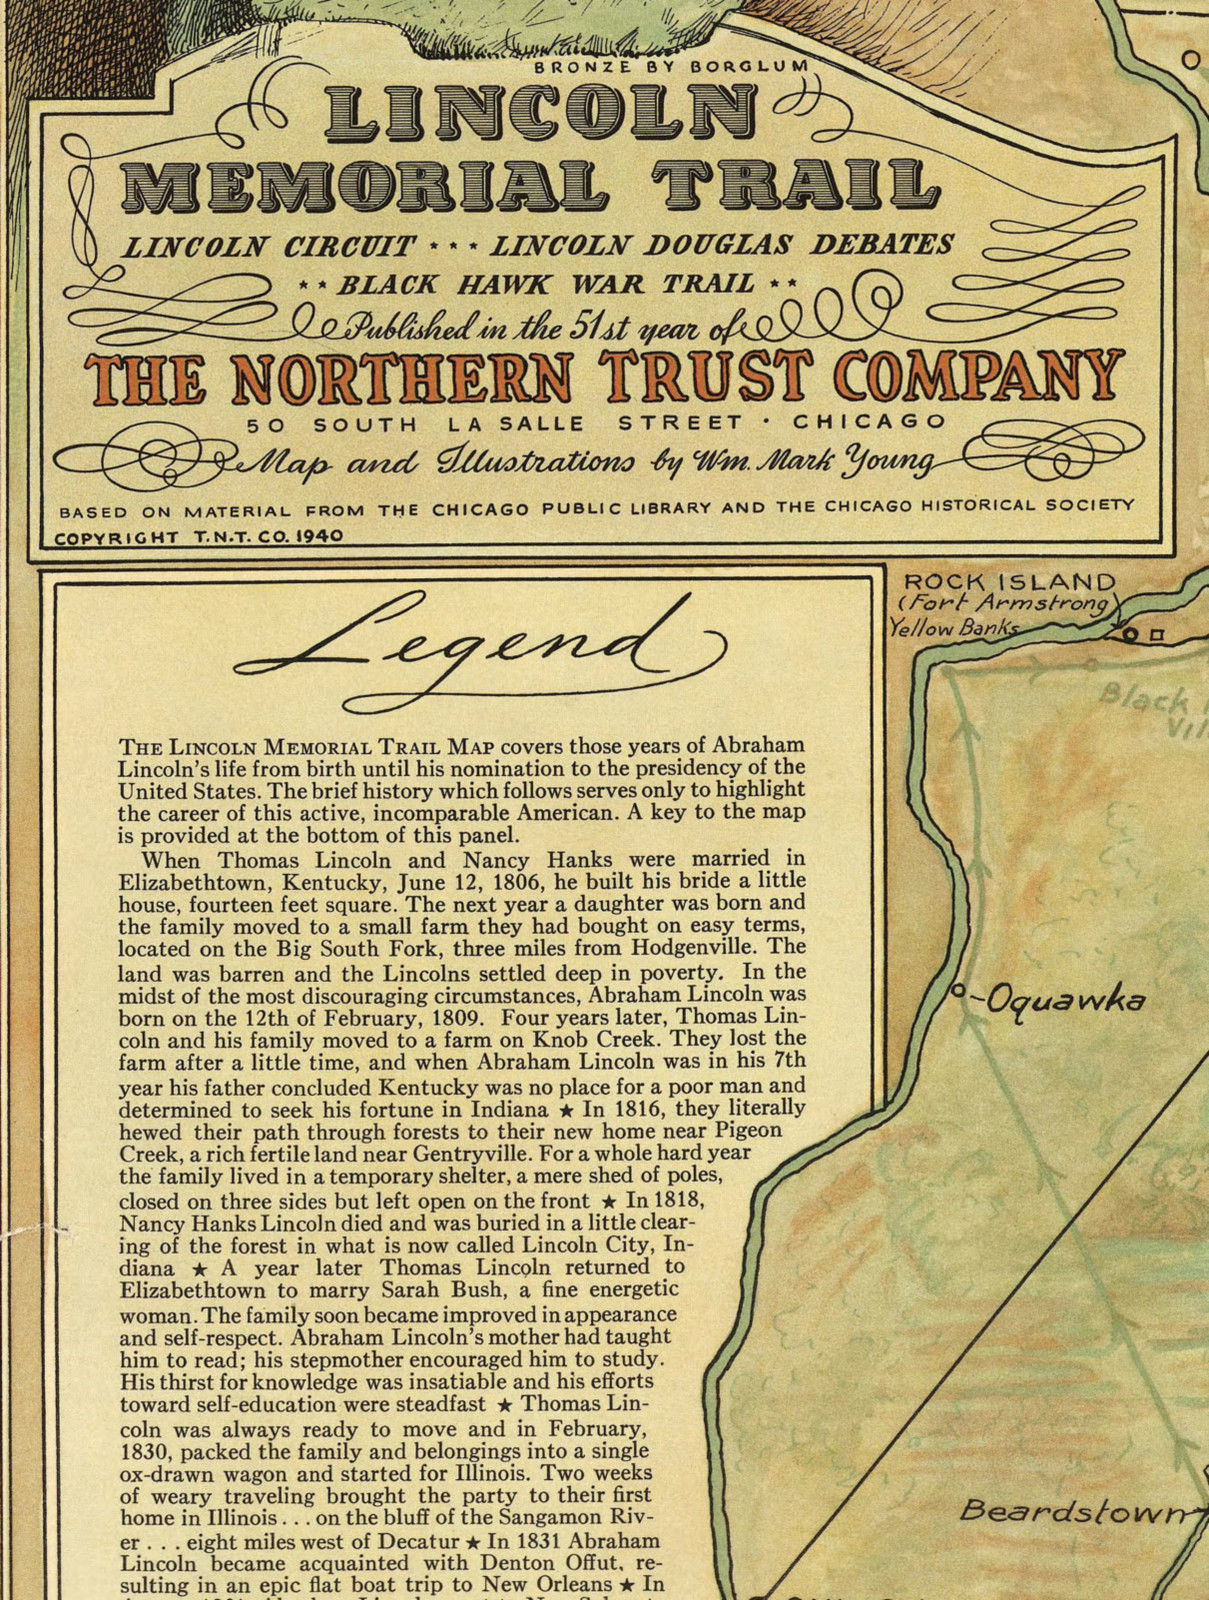 Historical Pictorial Karte Abraham Lincoln Memorial Trail Schwarz Hawk Krieg